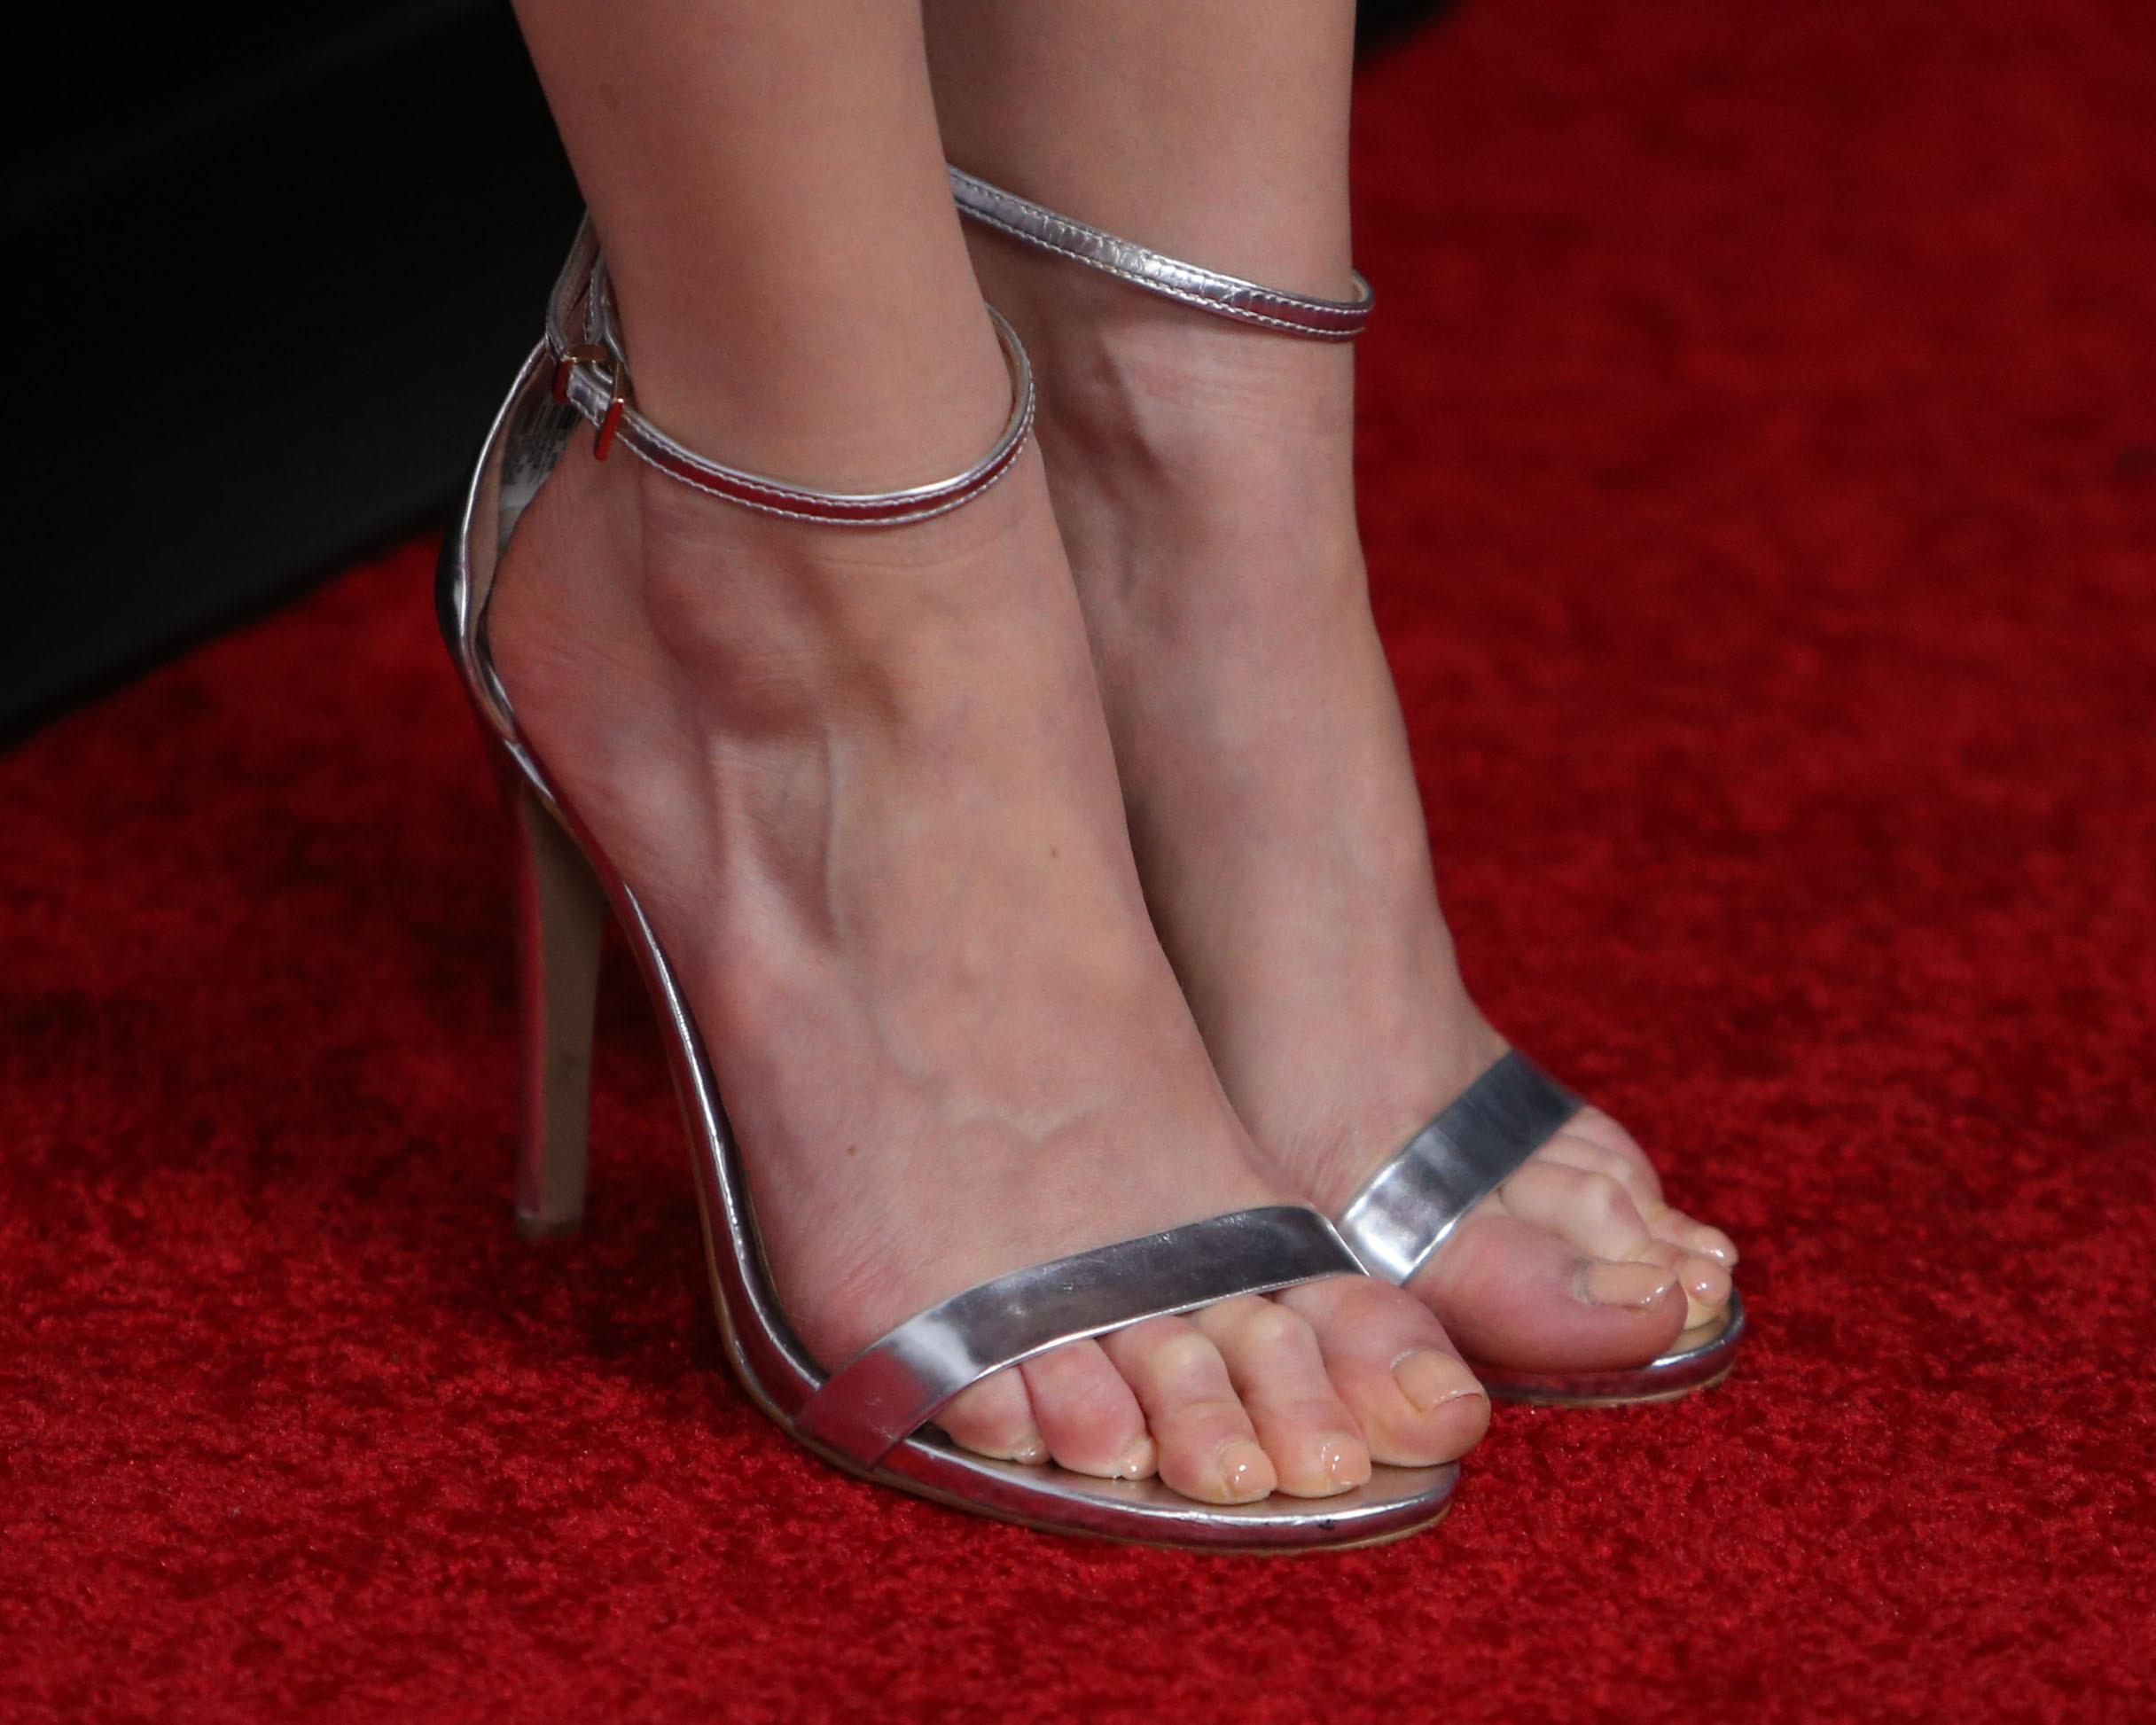 melissa rauch feet